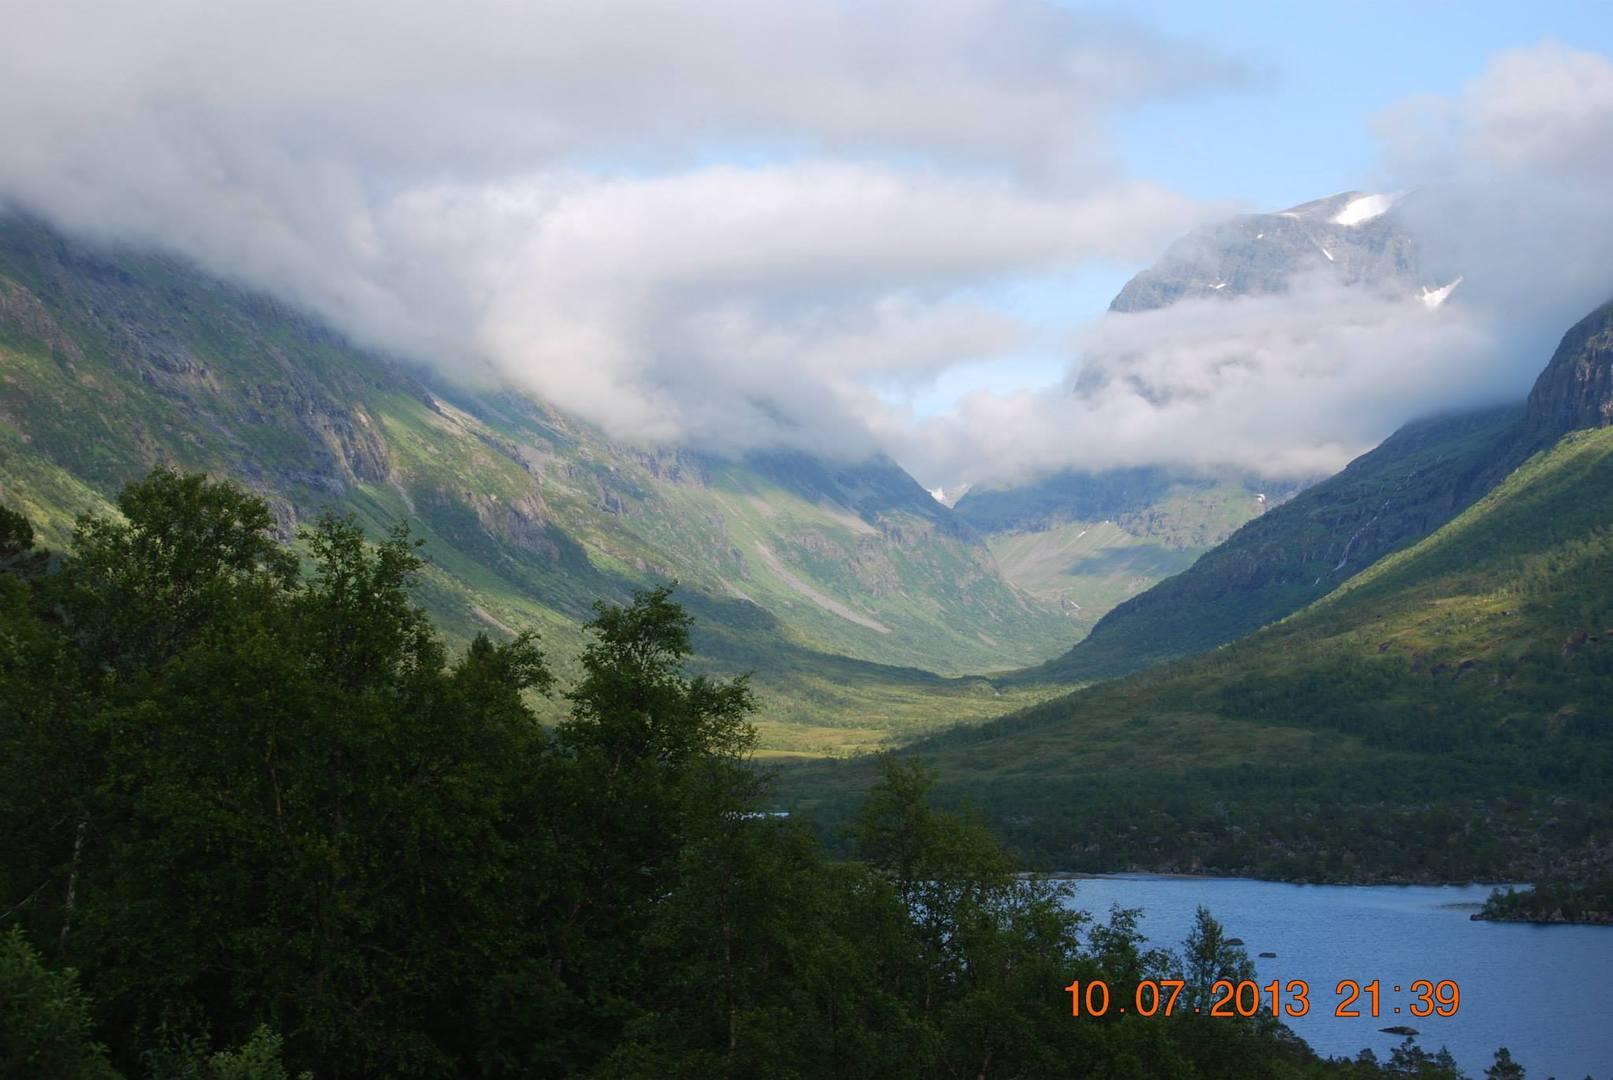 עמק Innerdalen אשר נחשב לעמק היפה ביותר בנורווגיה